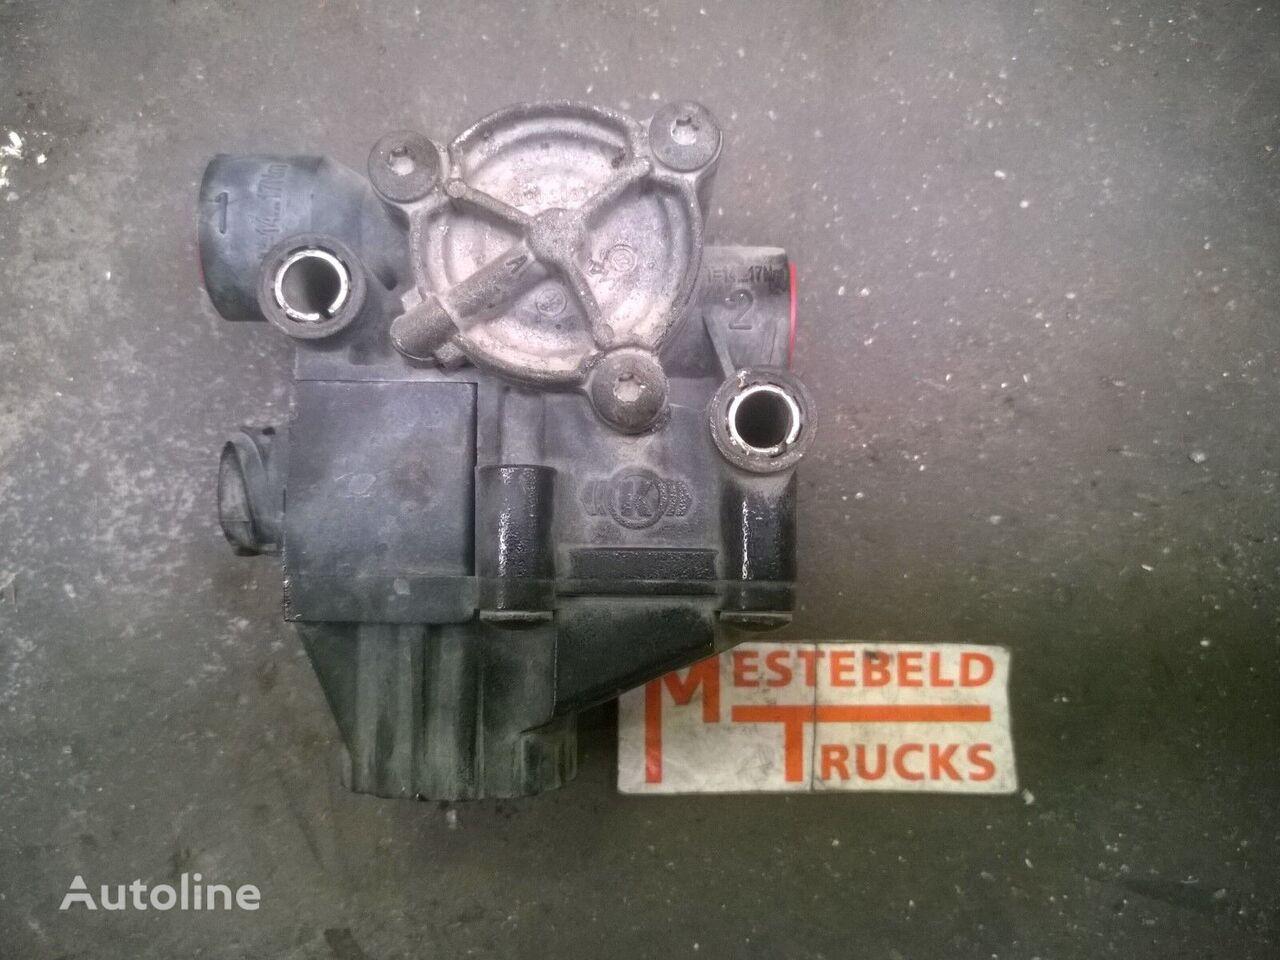 valvola MAN ABS magneetventiel per camion MAN ABS magneetventiel L2000